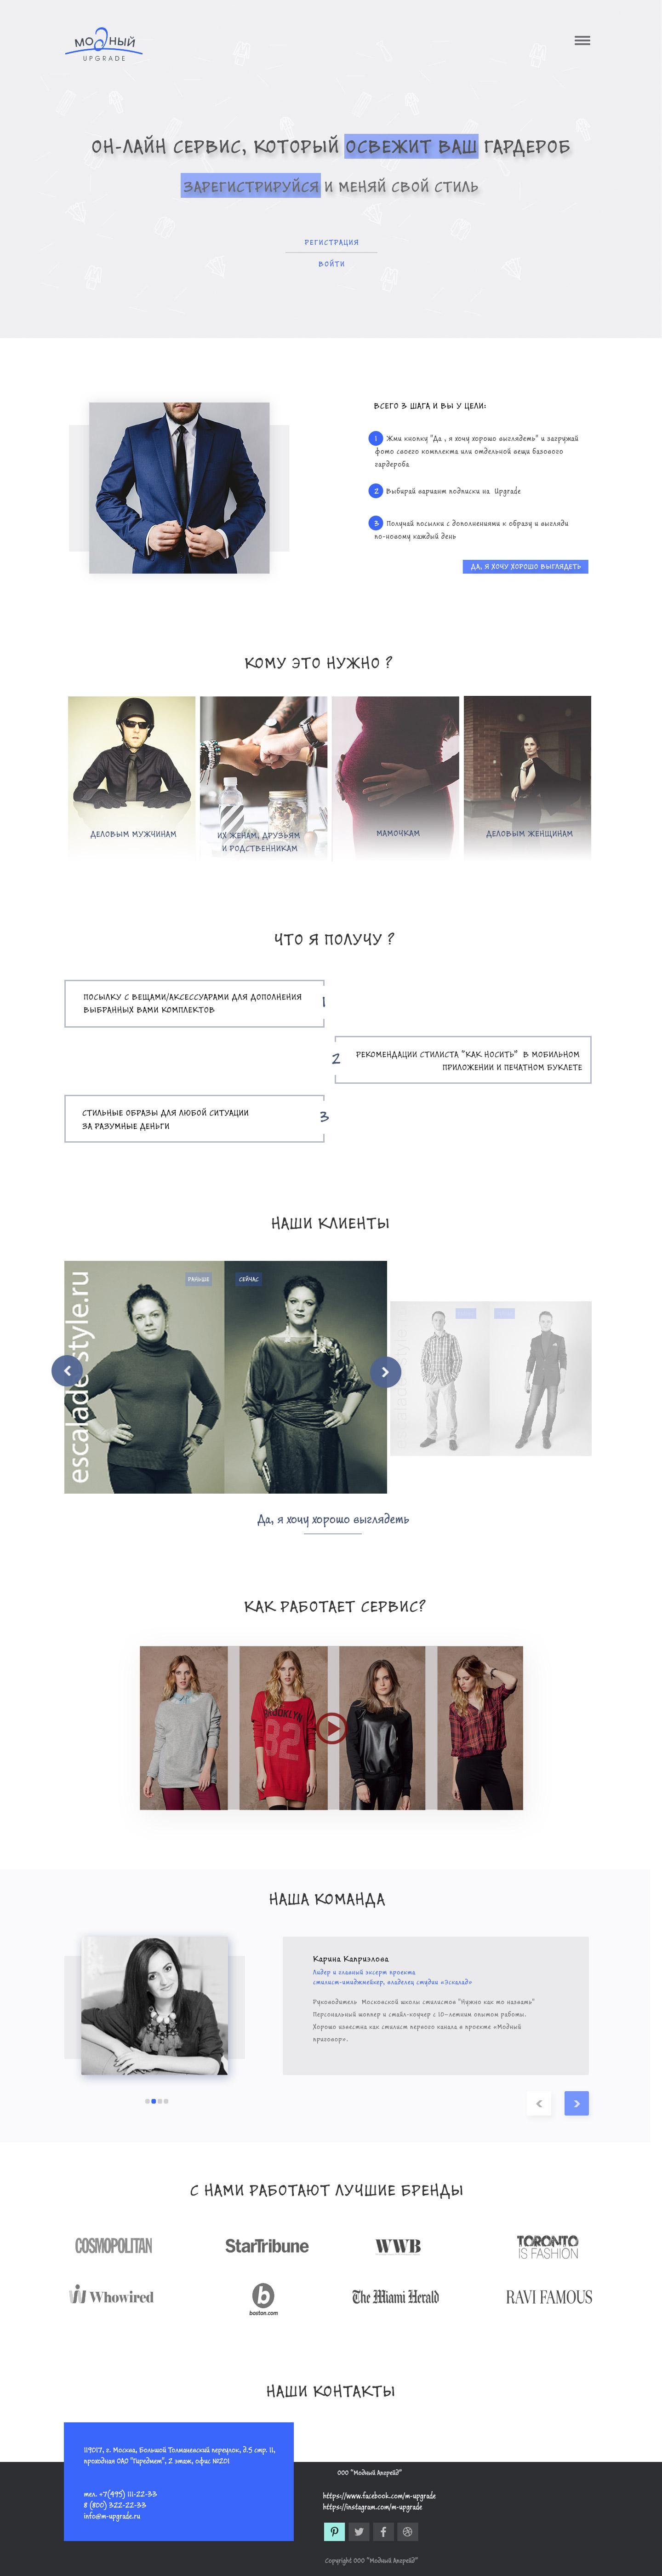 Разработать дизайн сайта и мобильного приложения фото f_141599696403e701.jpg